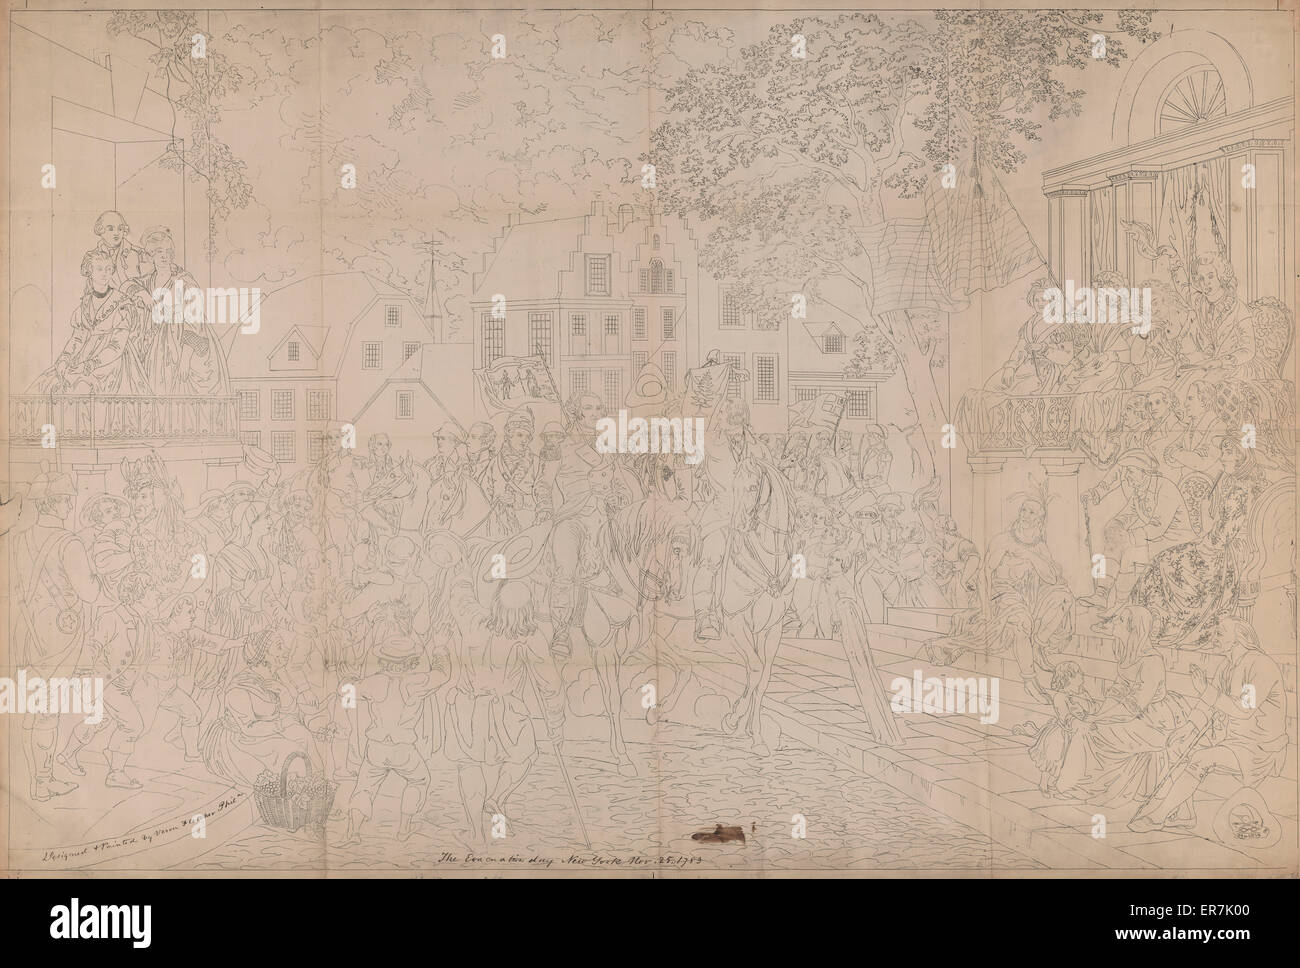 Il giorno di evacuazione. New York nov. 25 1783. Immagini Stock